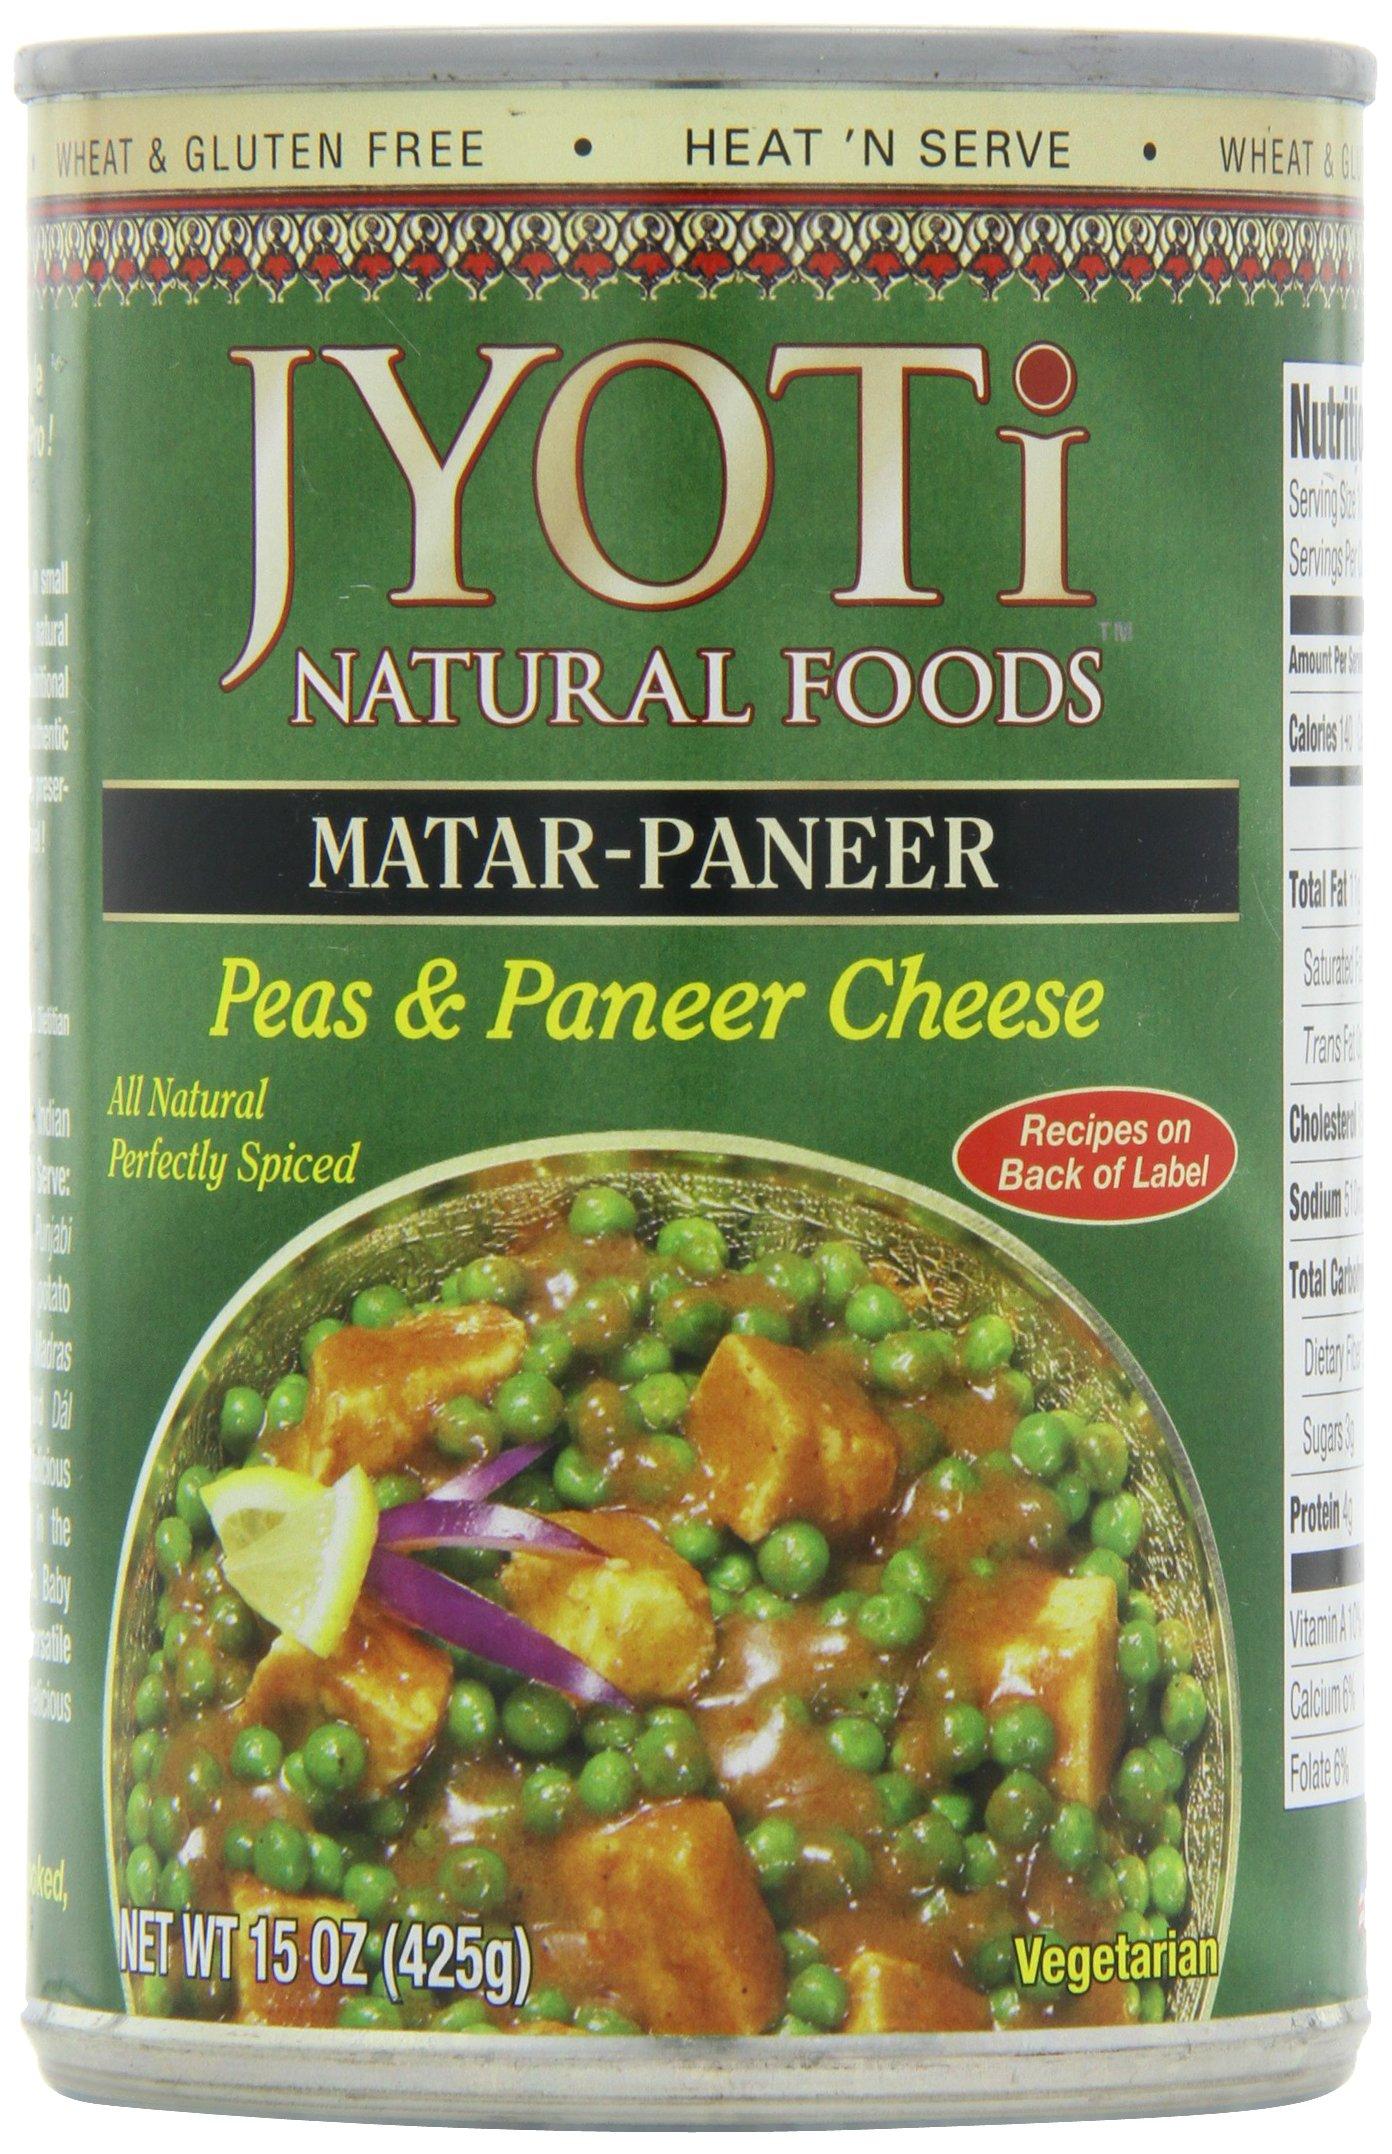 Jyoti Natural Foods Matar Paneer, Peas & Paneer  Cheese, Vegetarian, 425 Gram Cans,  (Pack of 12)